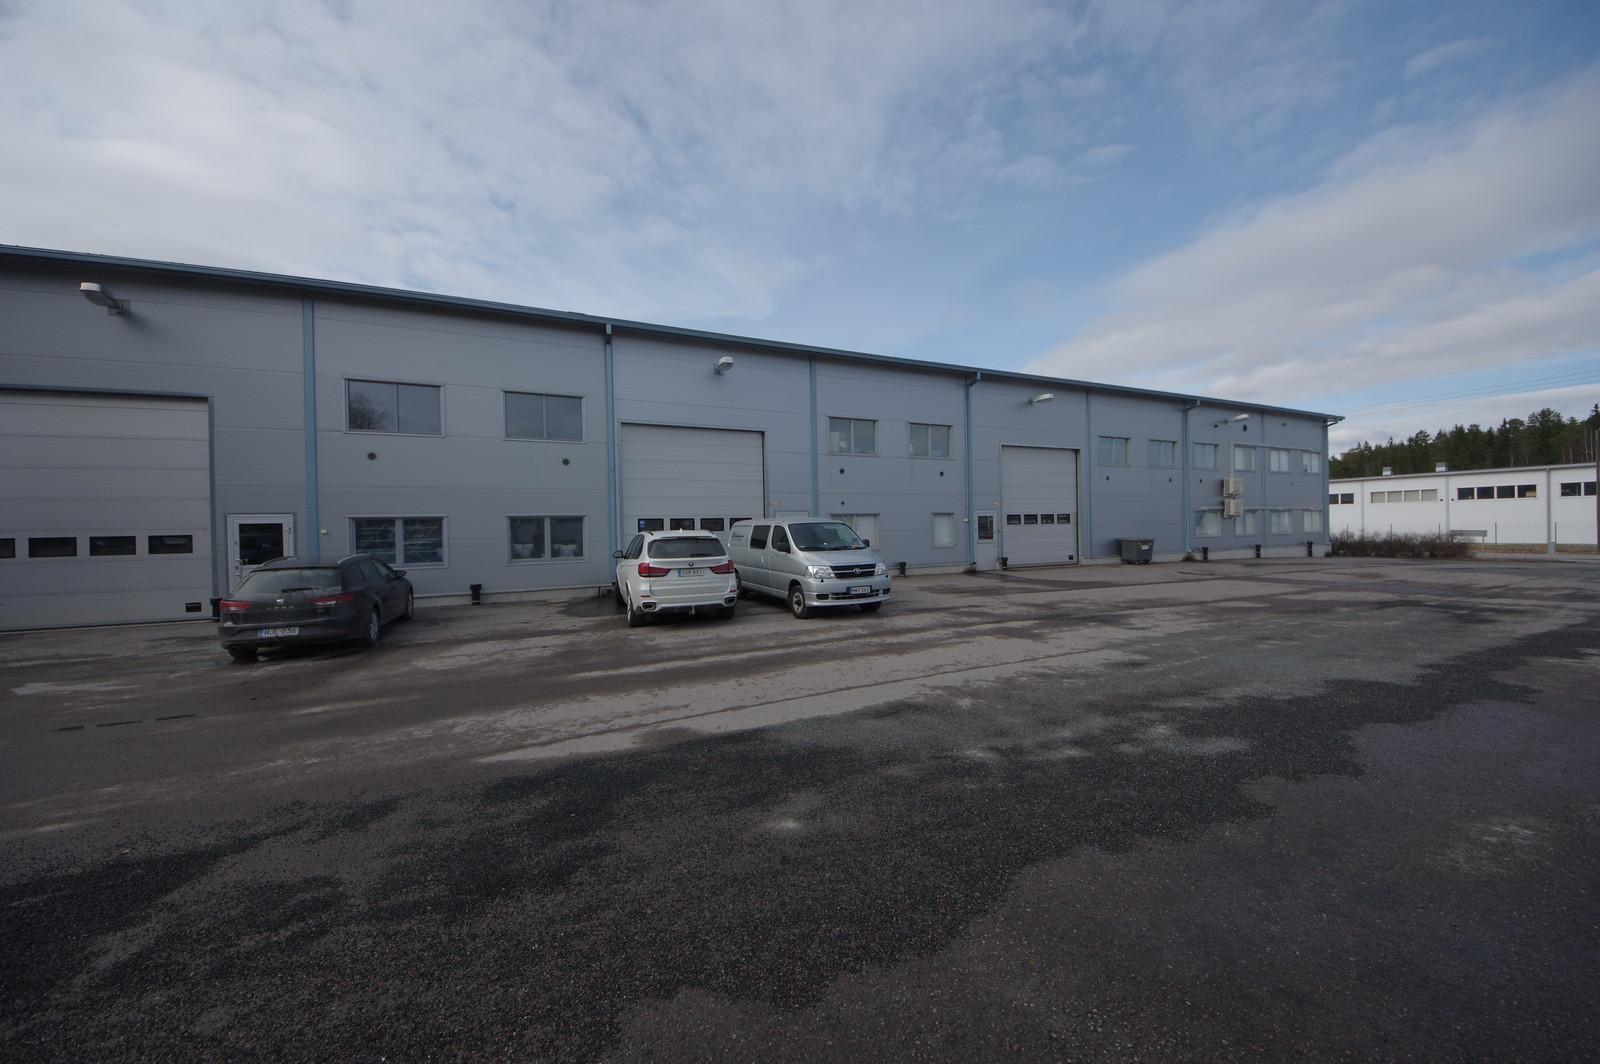 Yrittäjäntie 28, Järvihaka, Klaukkala